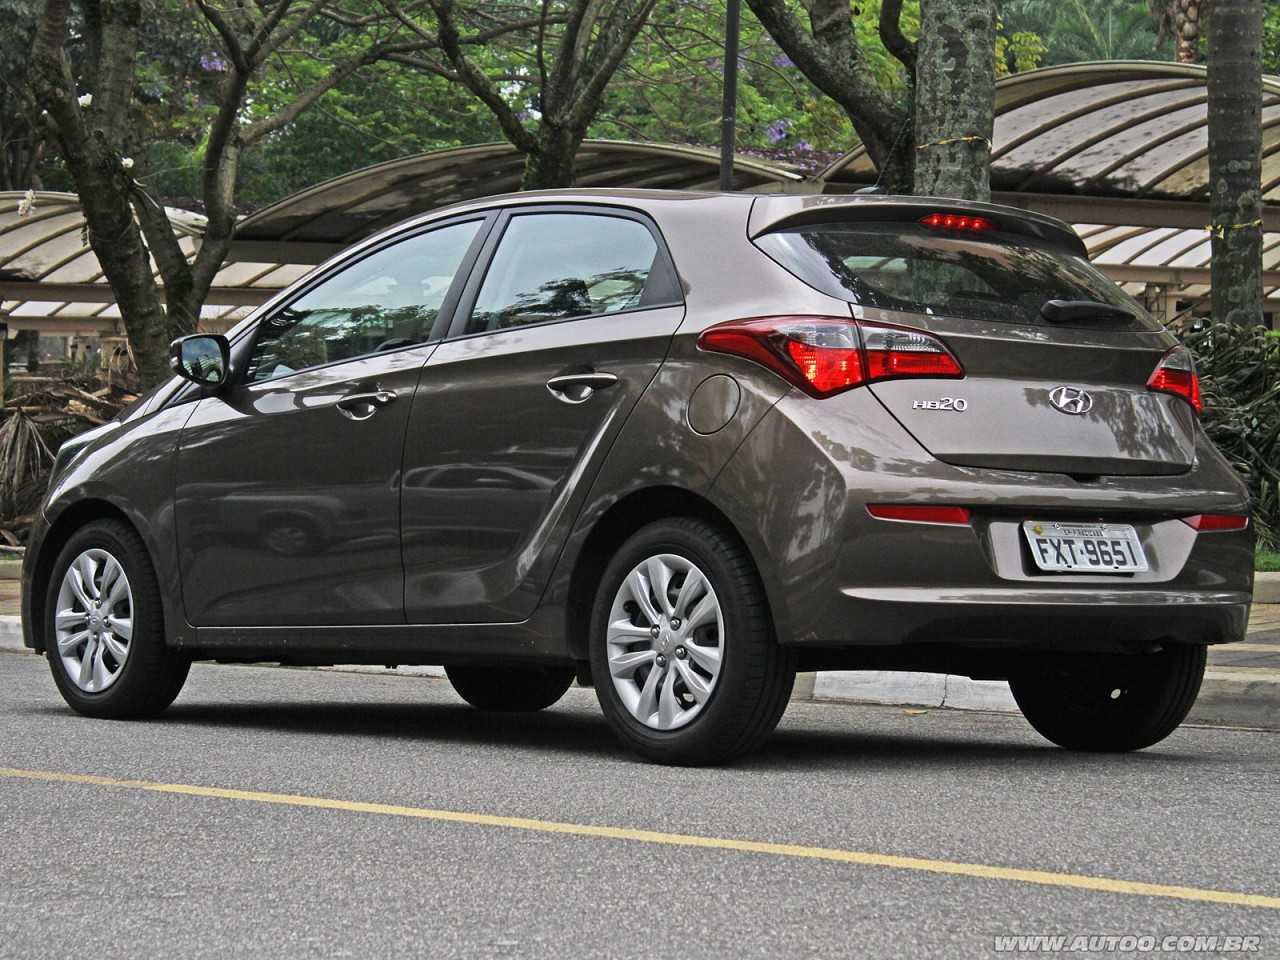 HyundaiHB20 2018 - ângulo traseiro